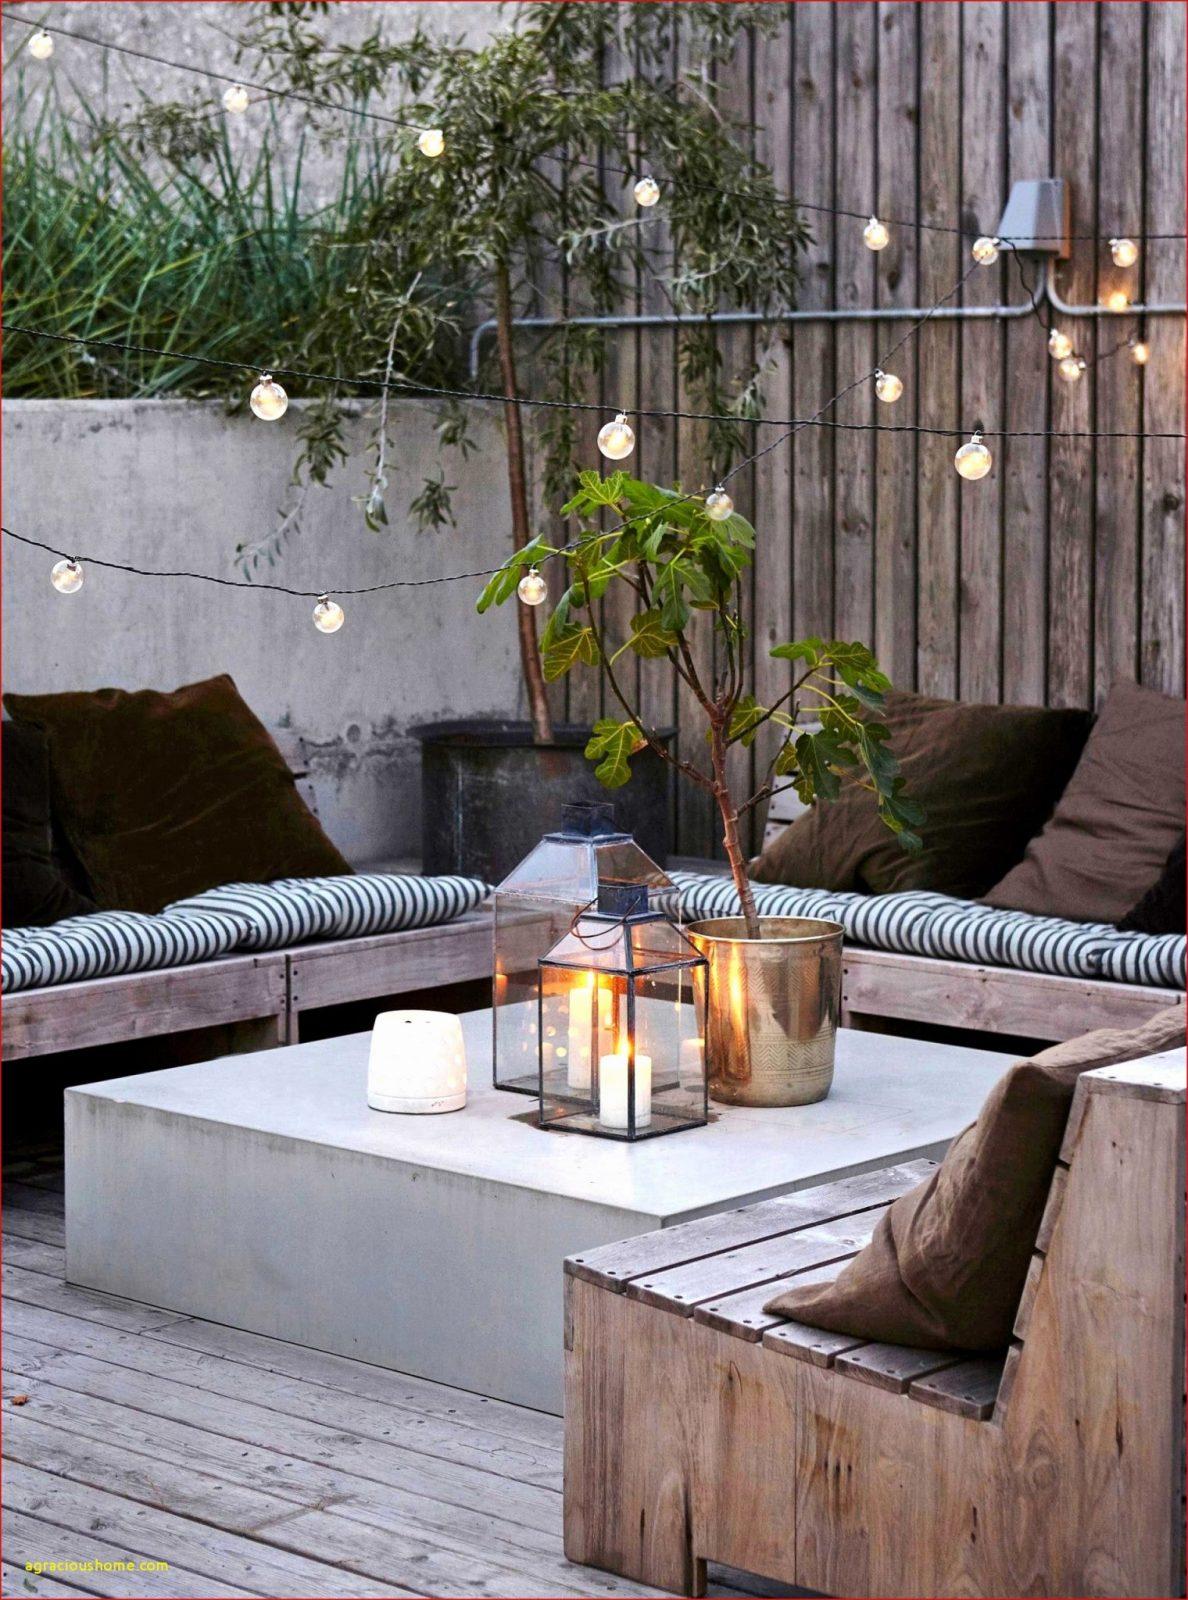 53 Beste Für Sitzecke Garten Selber Bauen Konzept von Sitzecke Garten Selber Bauen Bild